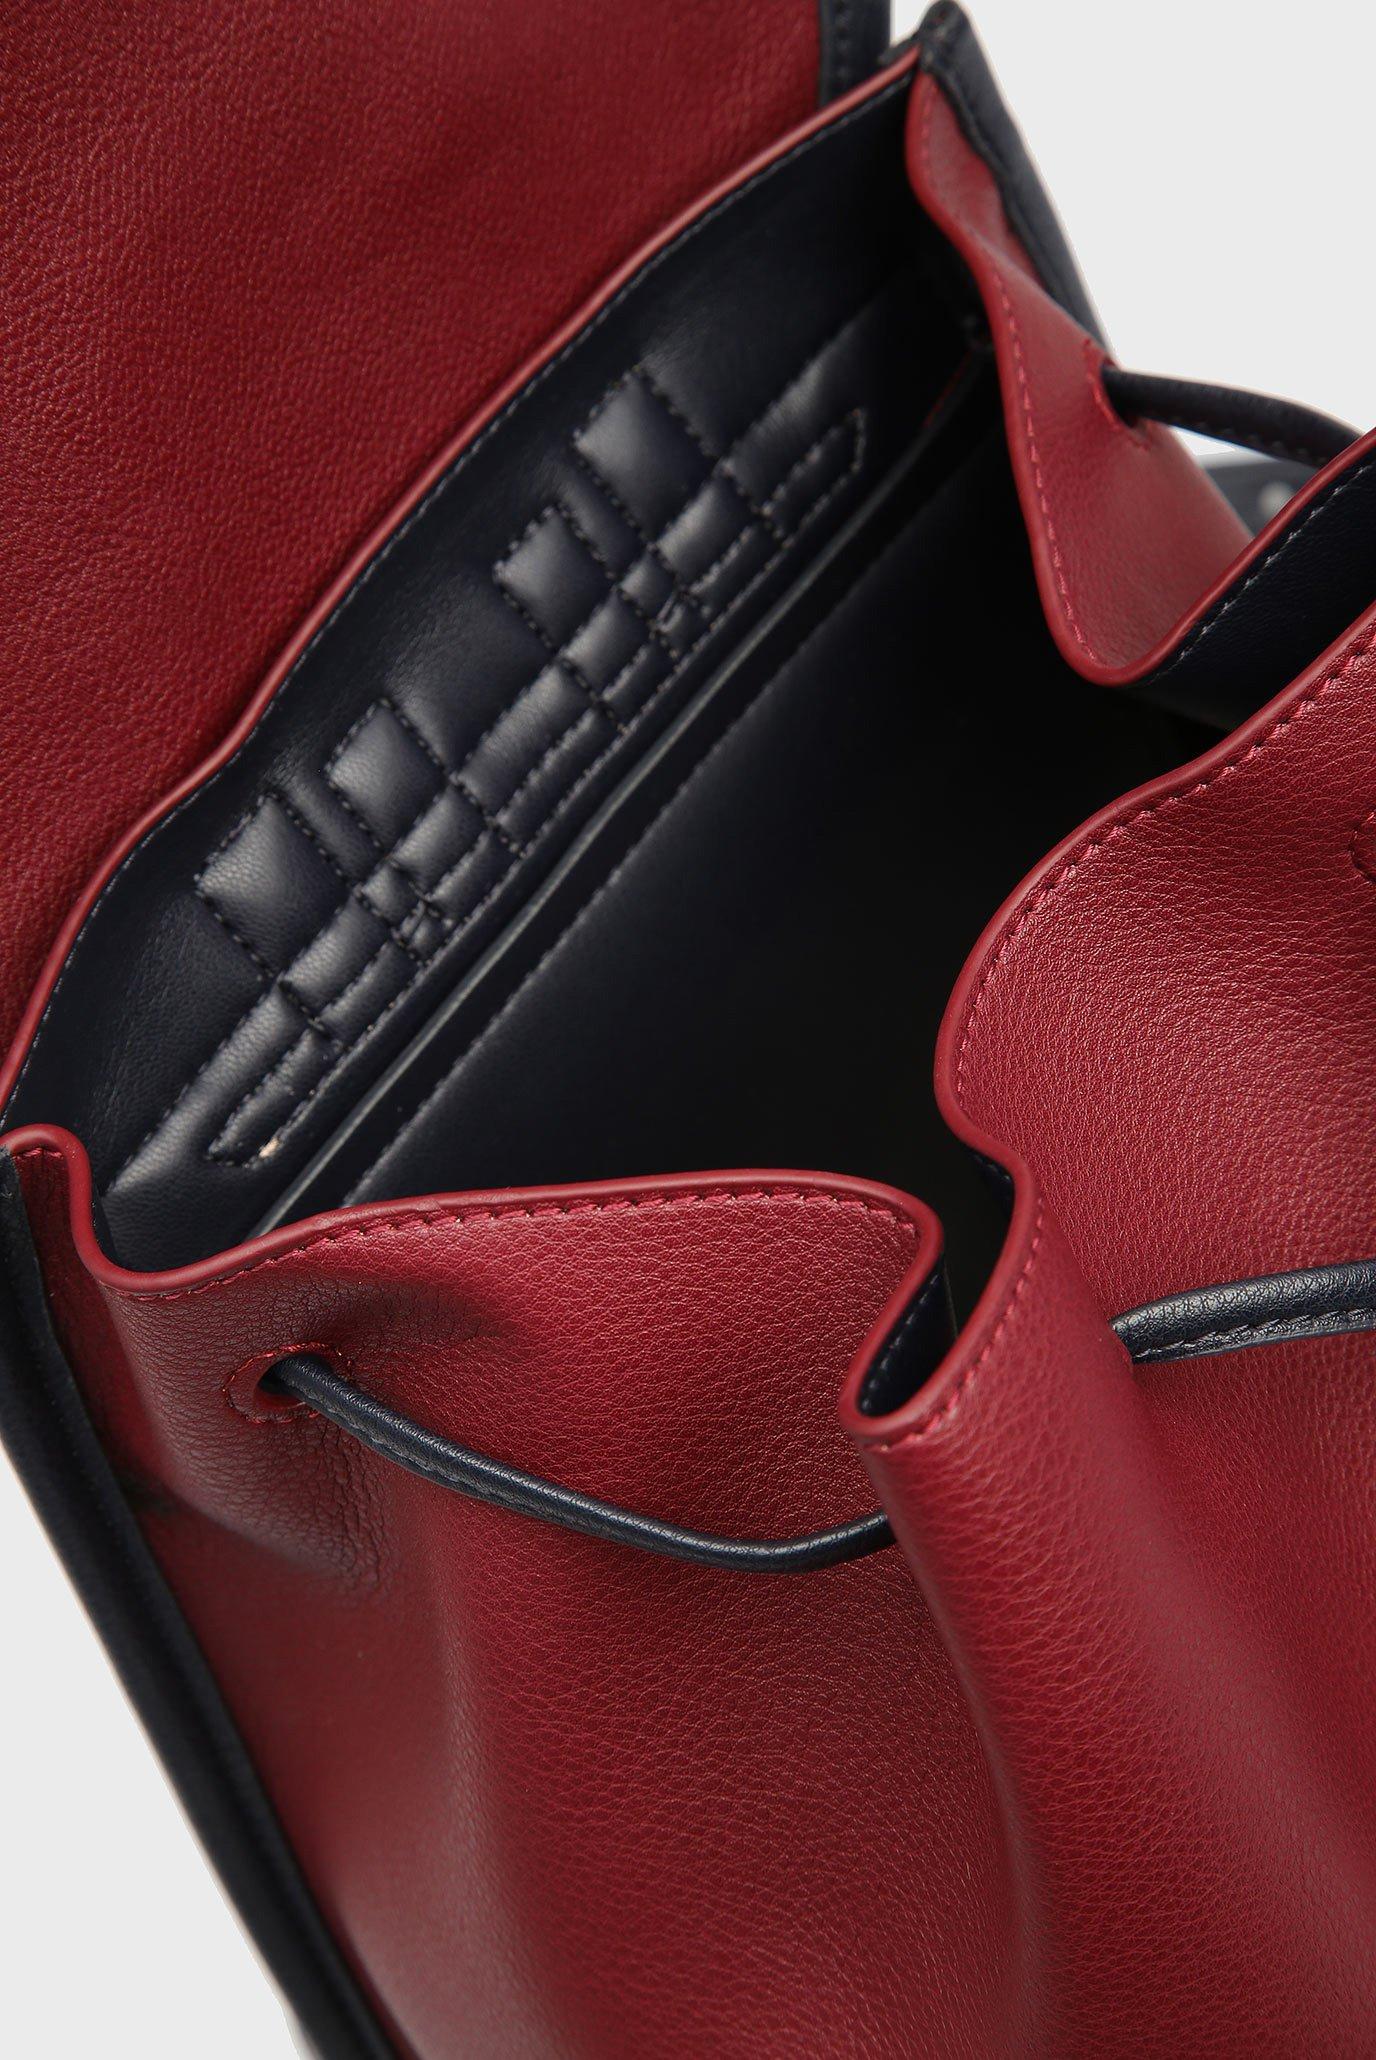 Купить Женский бордовый рюкзак CHAIN Tommy Hilfiger Tommy Hilfiger AW0AW05807 – Киев, Украина. Цены в интернет магазине MD Fashion